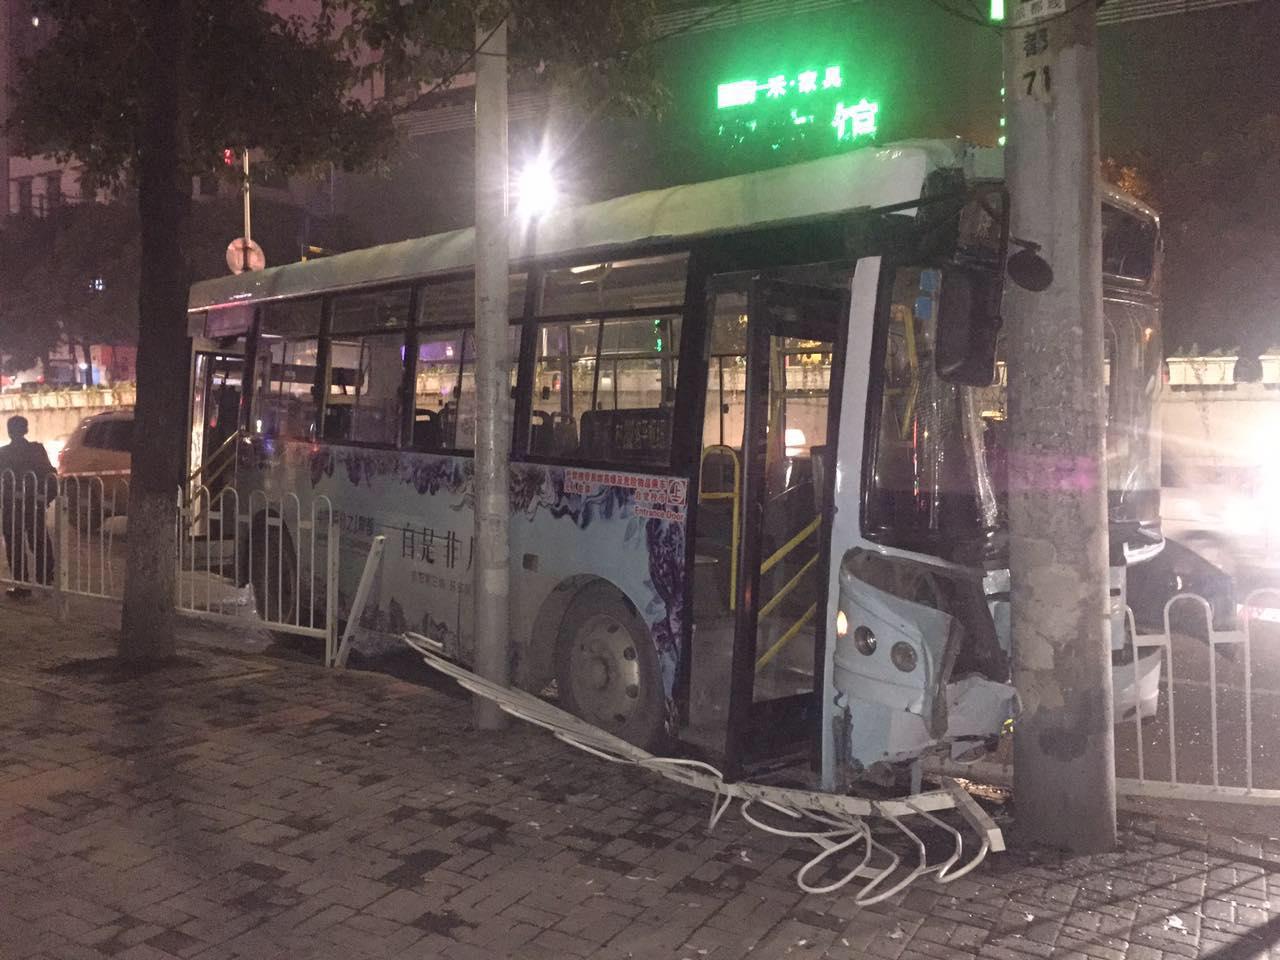 只因坐过站 女子抢方向盘致公交车撞车 图